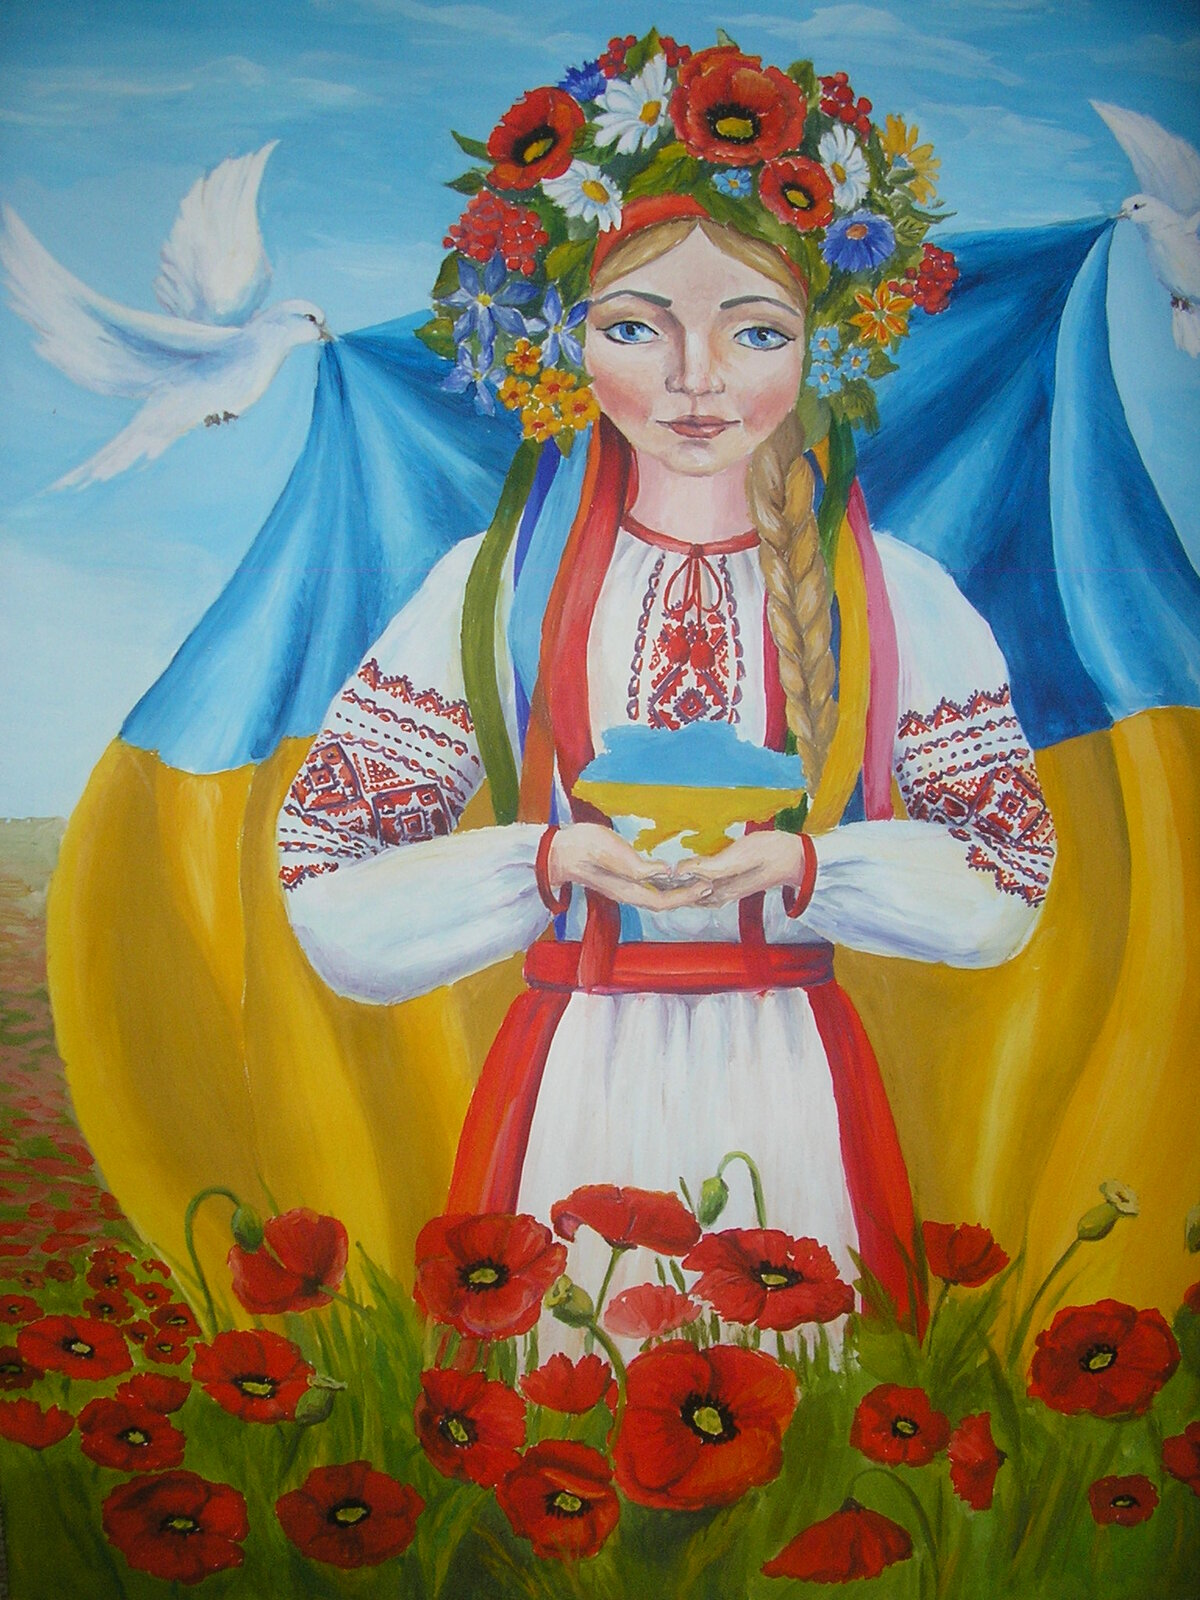 Бассейне картинка, украина картинки для детей